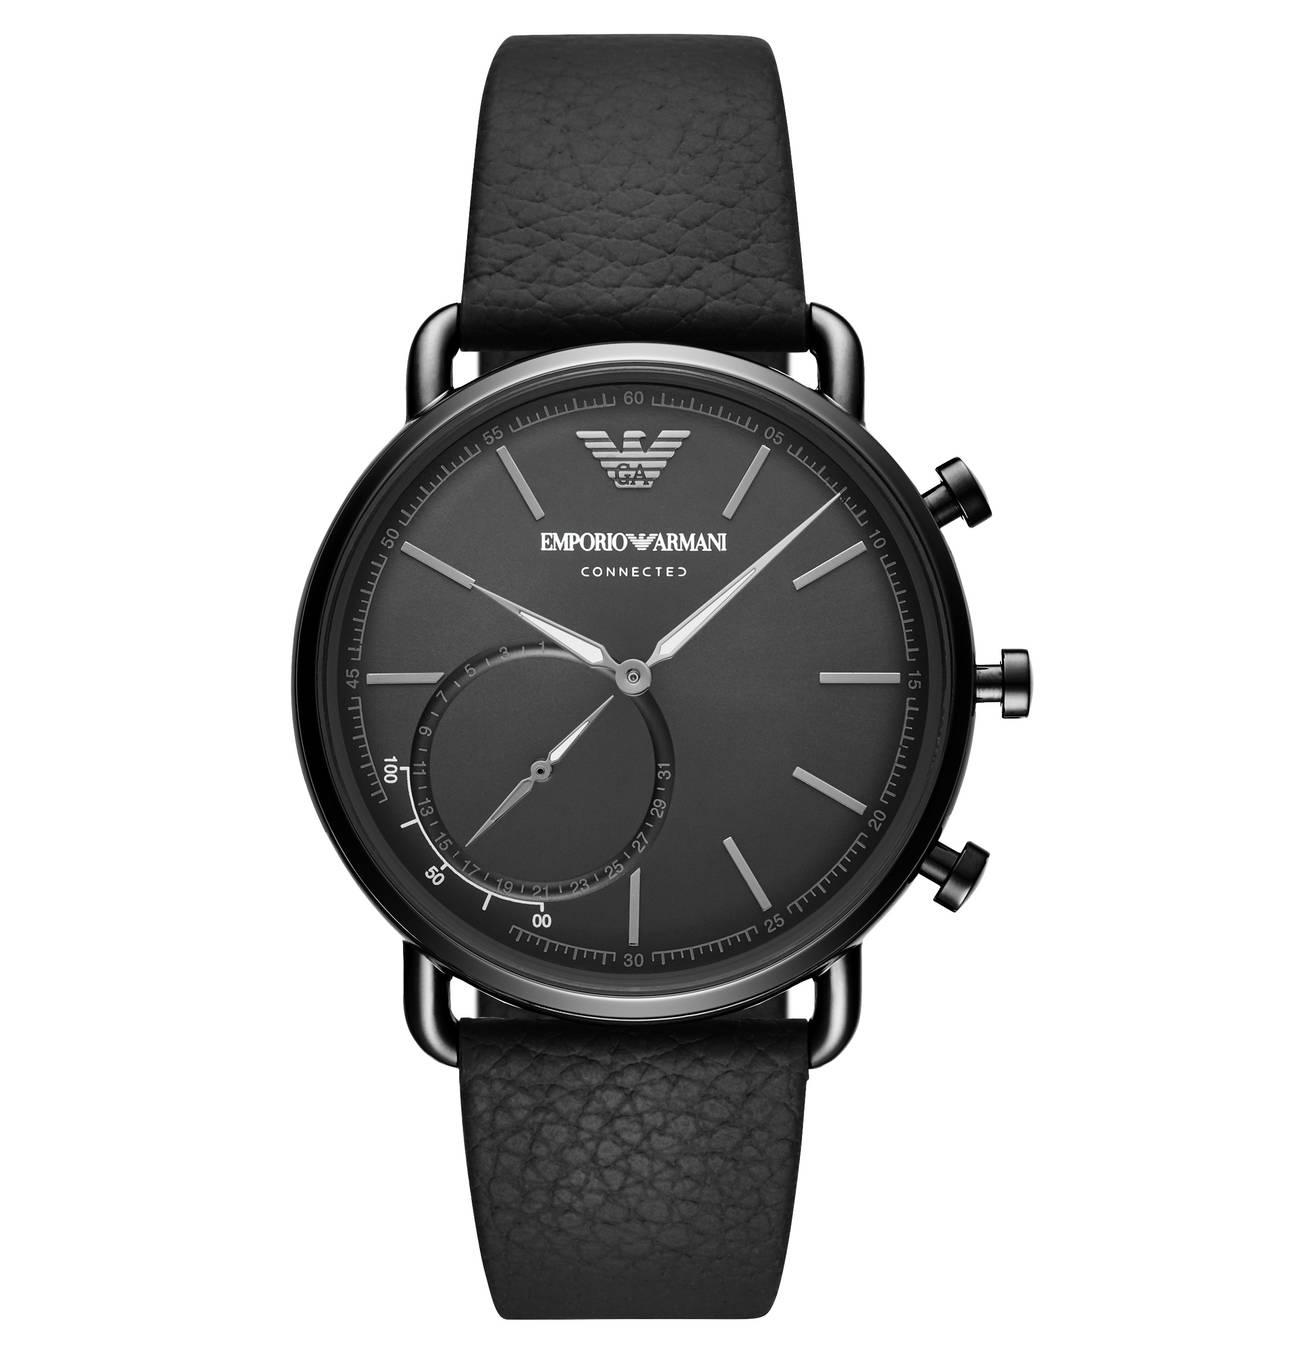 Smartwatch Herrenuhr ART3030, Hybriduhr Uhren herren